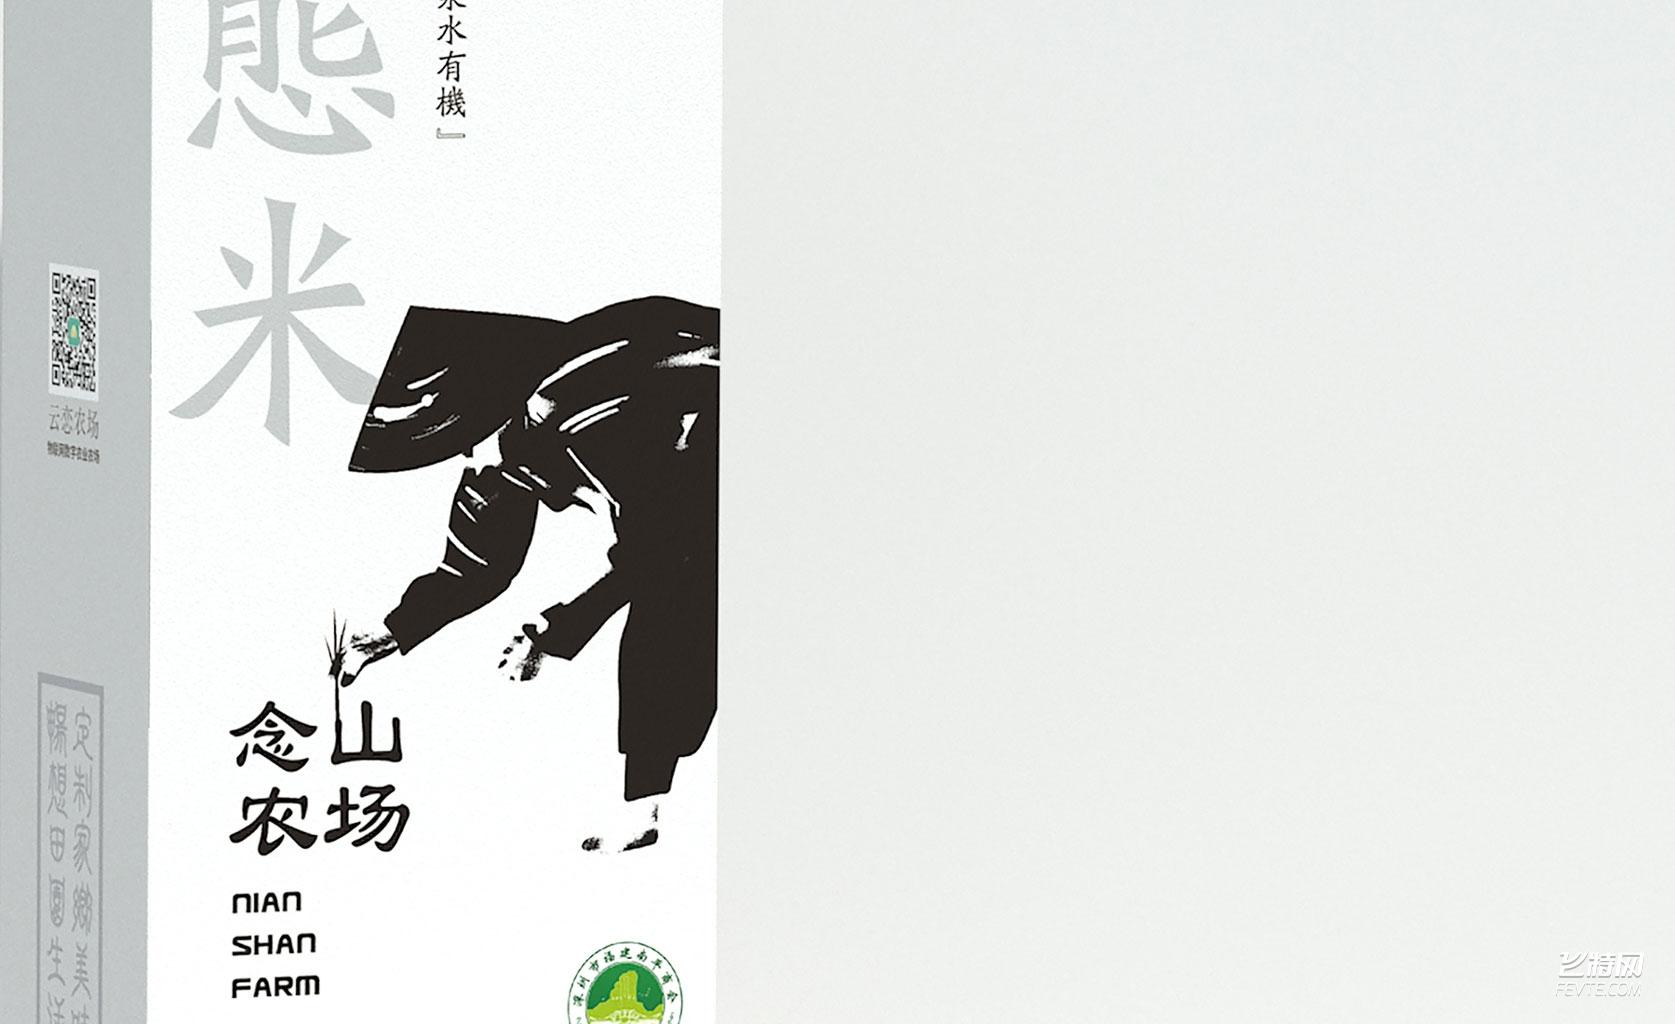 德信念山农场-生态米(图13)